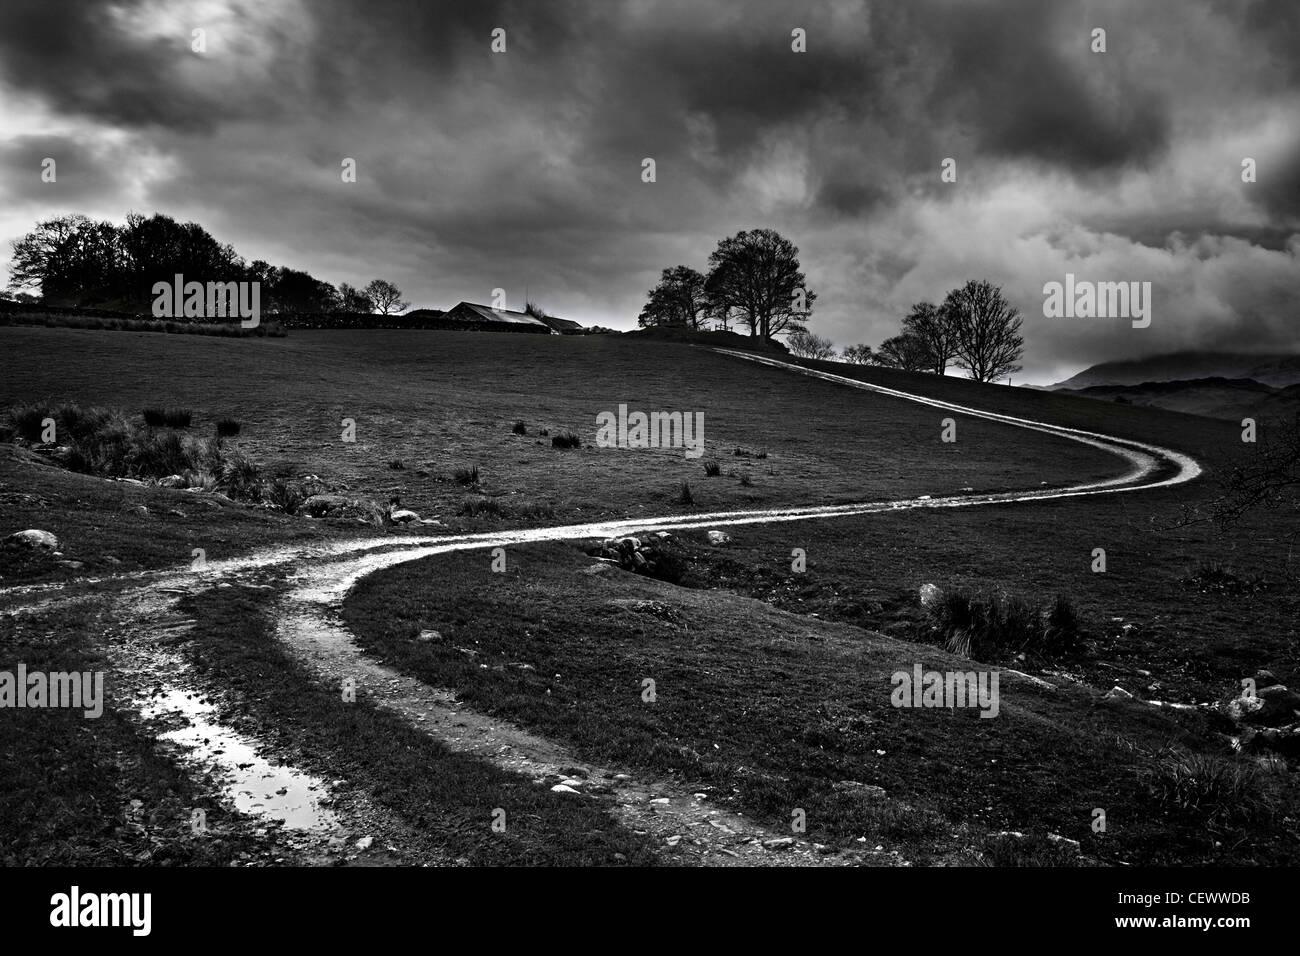 Sich schlängelnden Feldweg in der Nähe von Coniston im englischen Lake District. Donald Campbell brach Stockbild